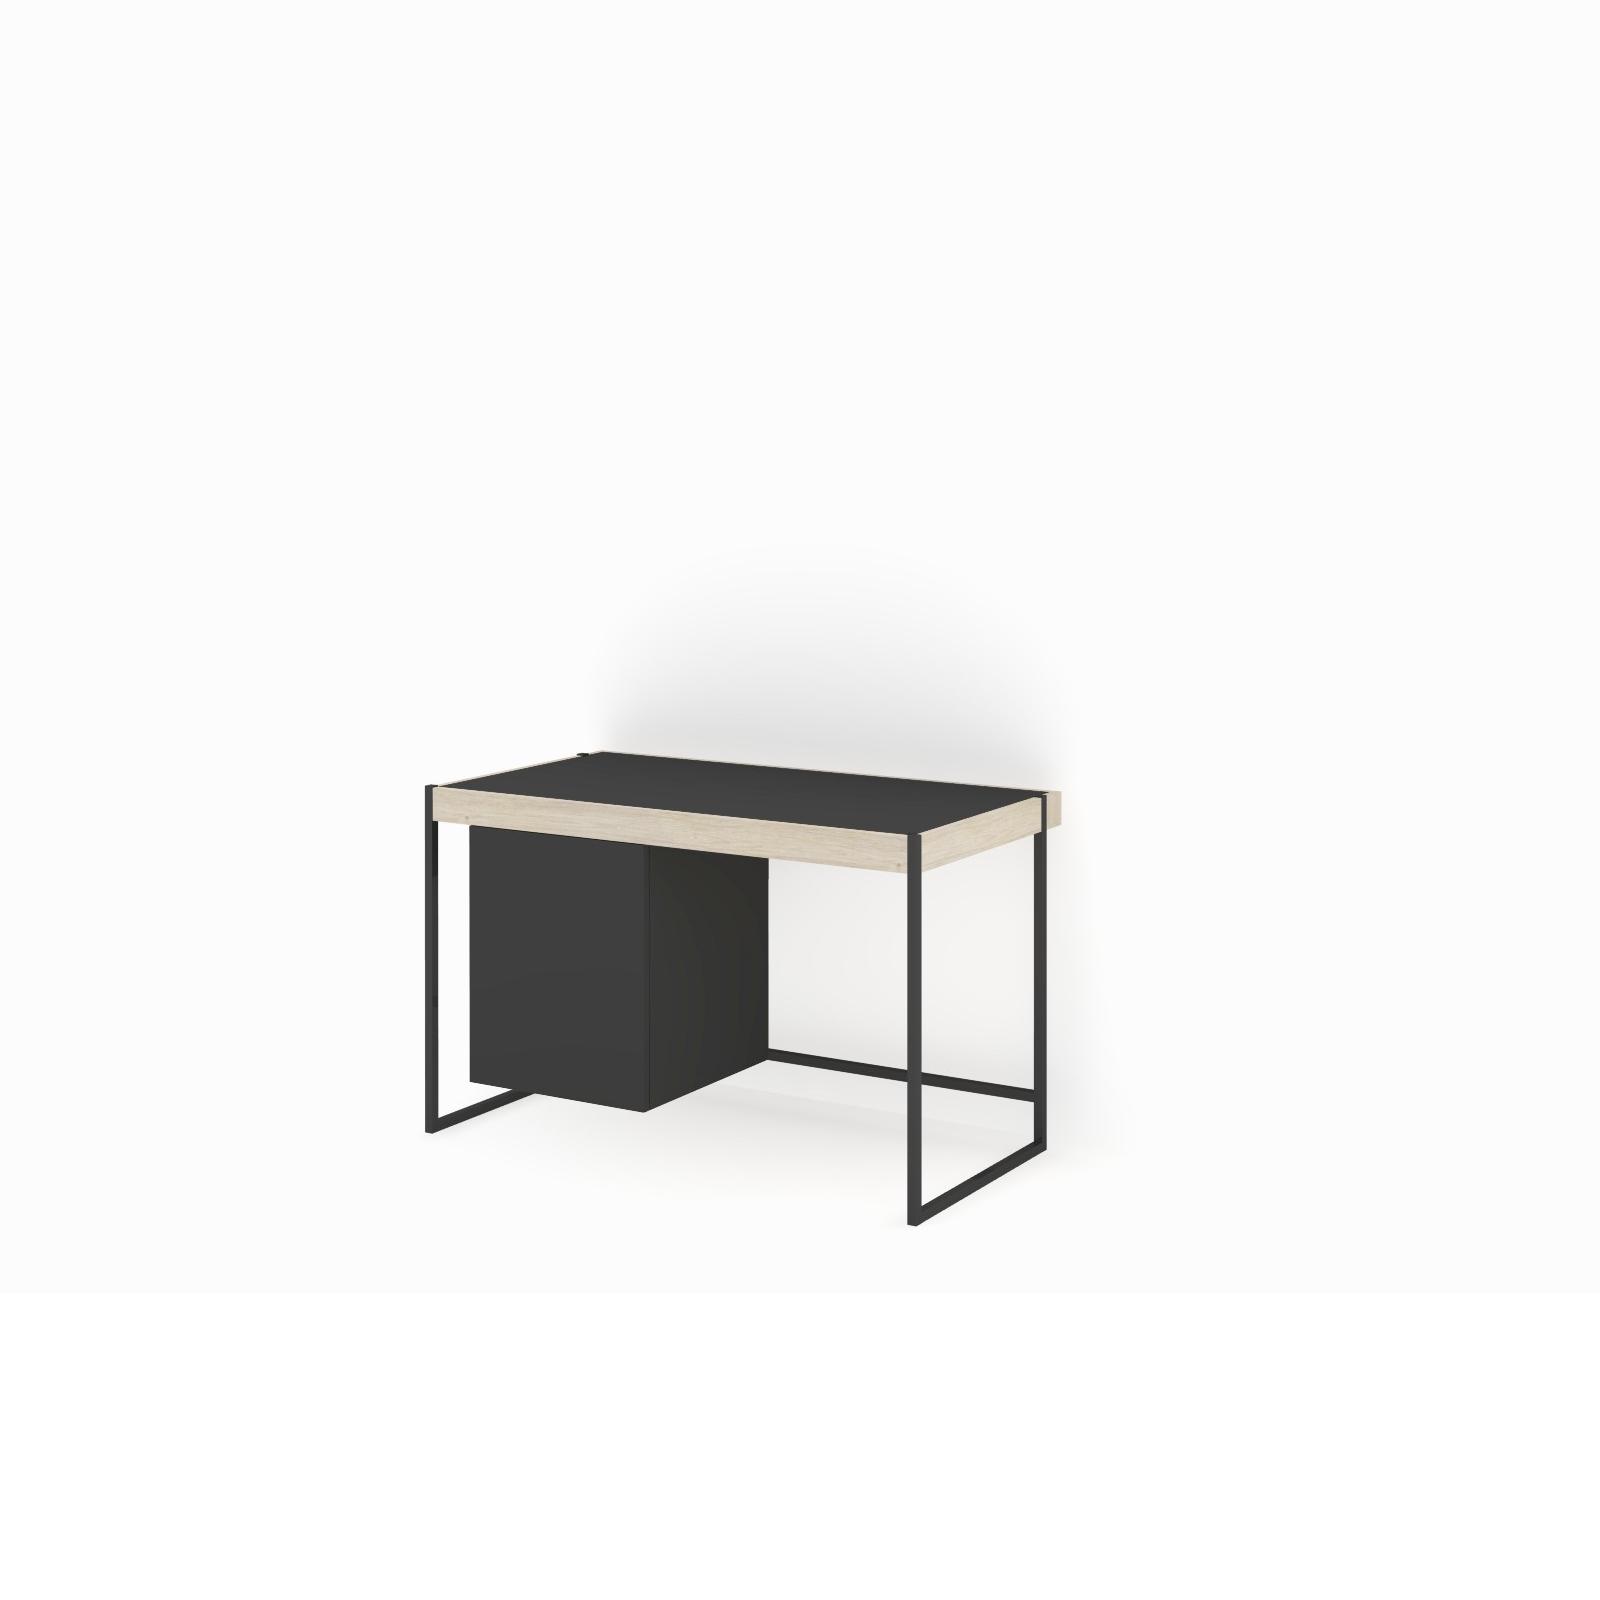 01.41.0450 20_00 minibar z biurkiem